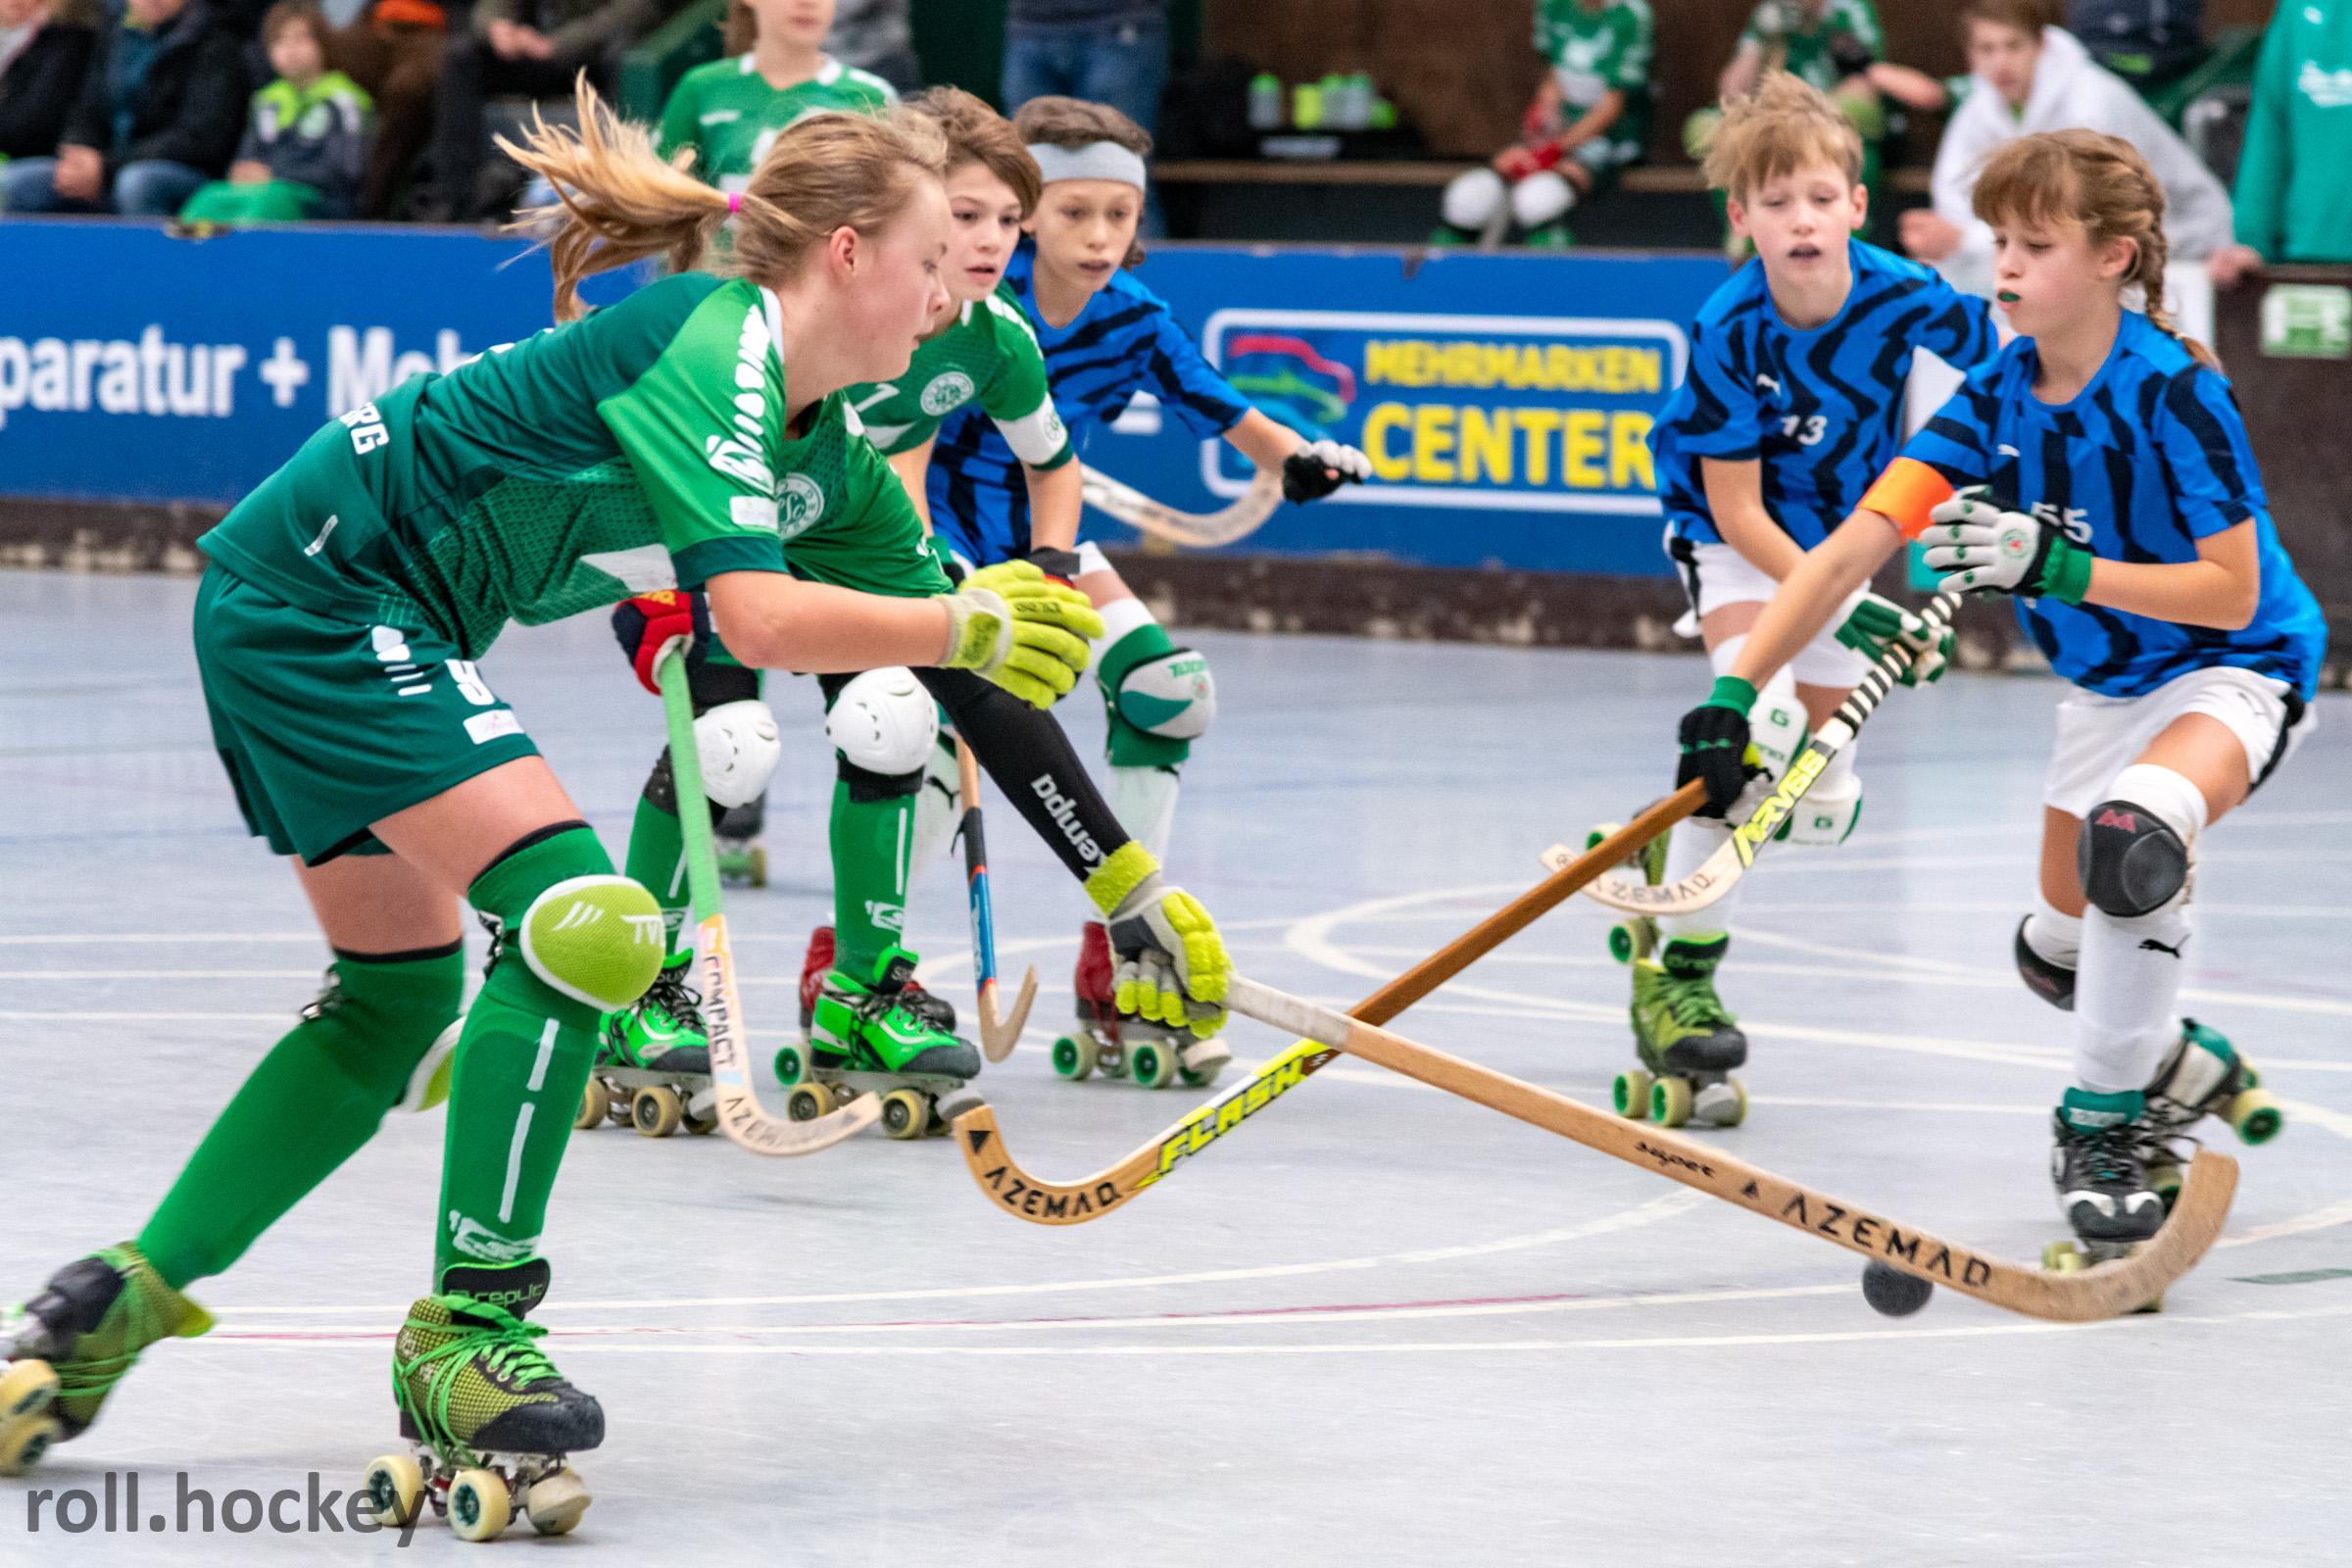 RSC Cronenberg Rollhockey Spieltag U13 01.12.2019